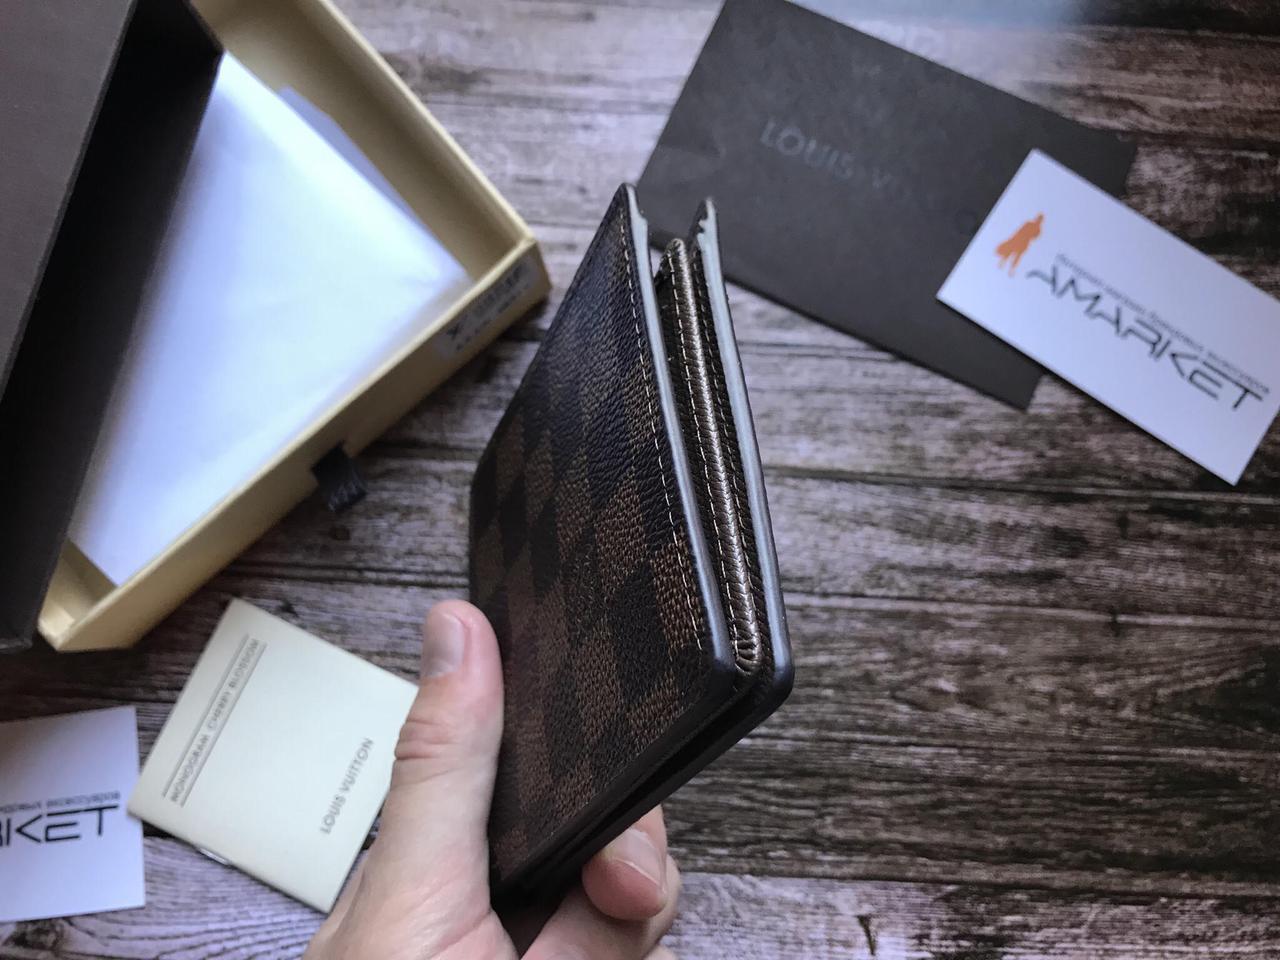 ce18b9fe798c ... Кошелек клатч портмоне бумажник коричневый мужской женский Louis  Vuitton премиум реплика, ...